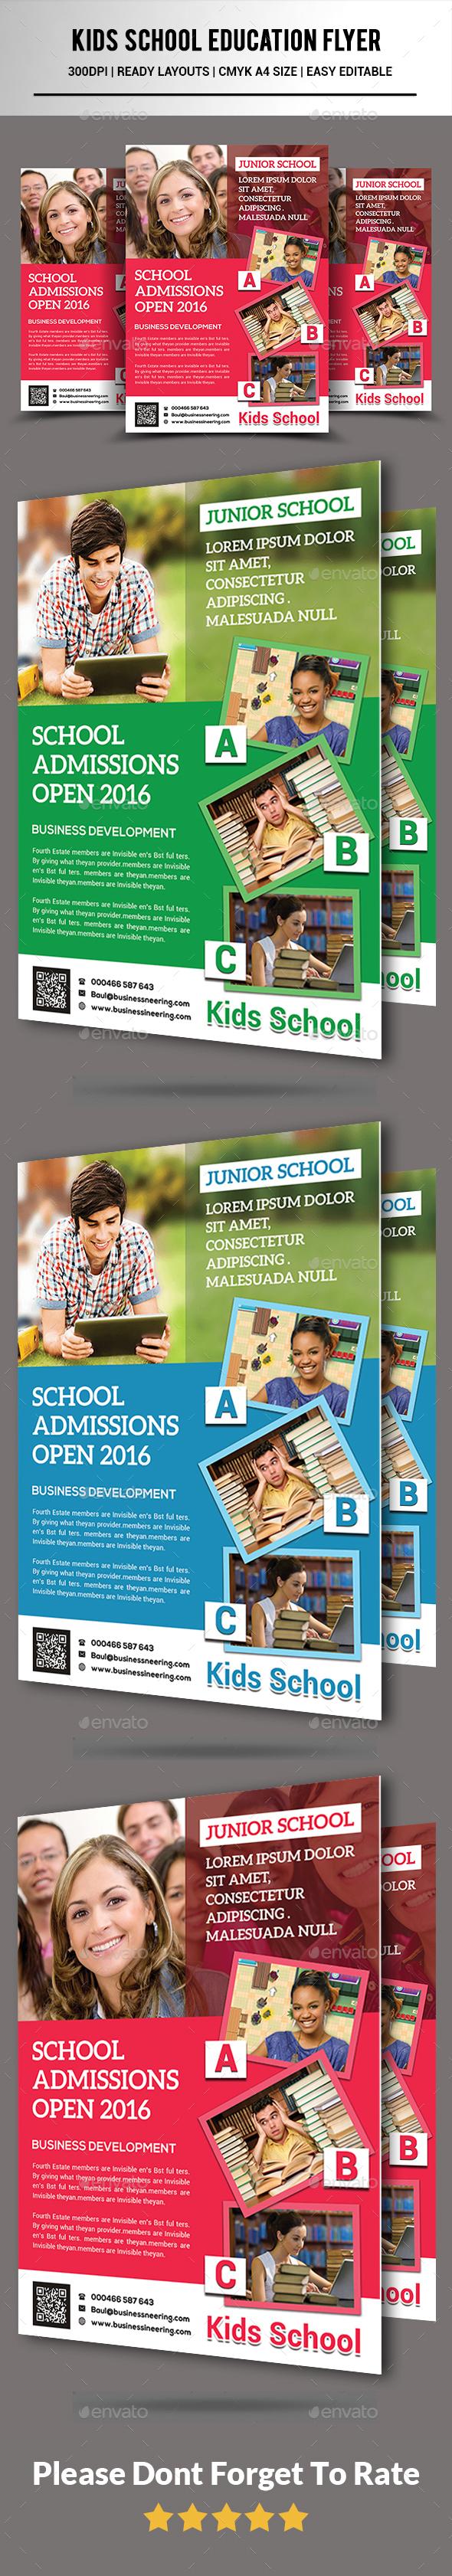 Kids School Education Flyer - Corporate Flyers